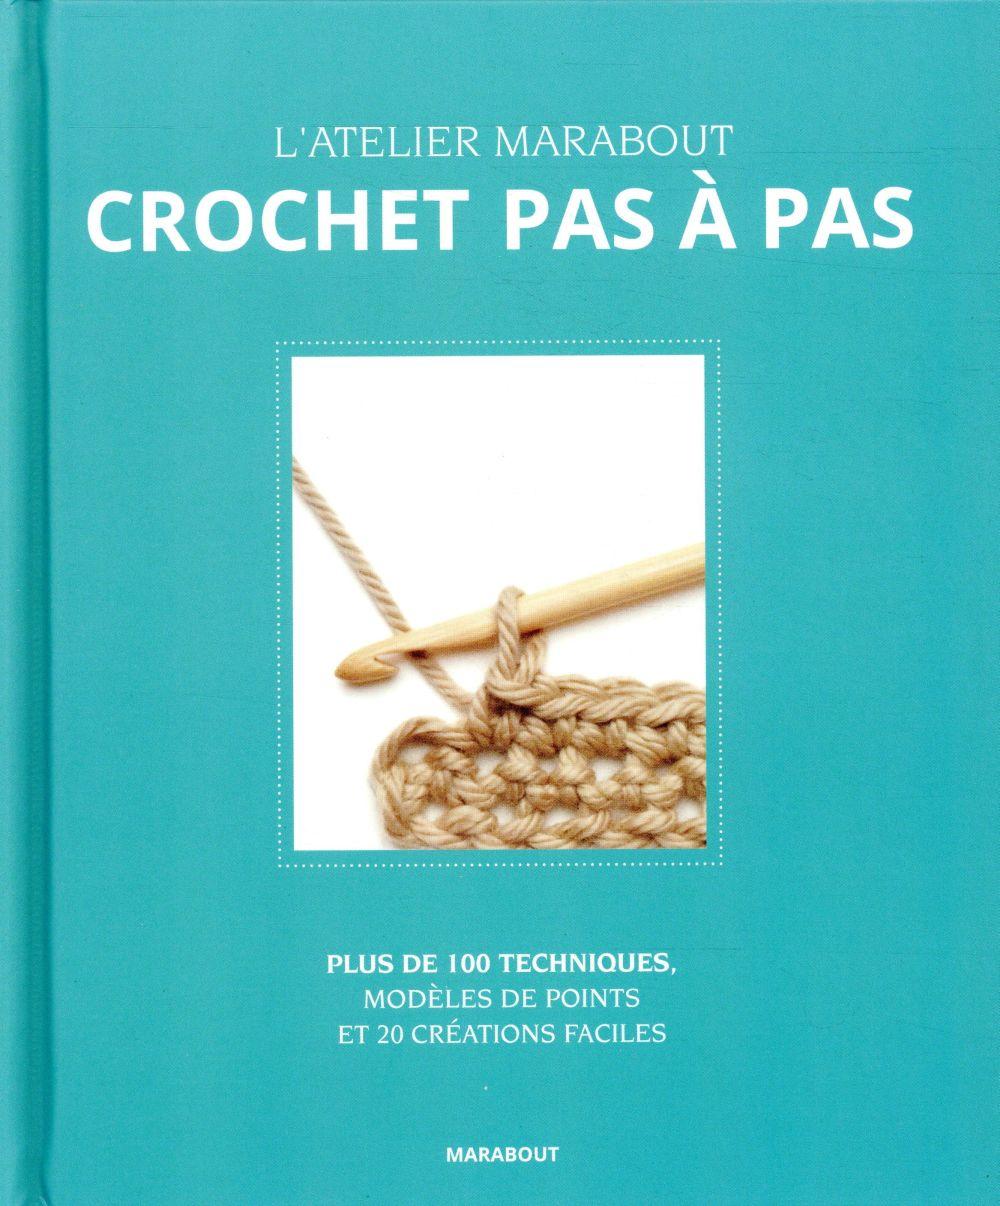 CROCHET PAS A PAS  MARABOUT